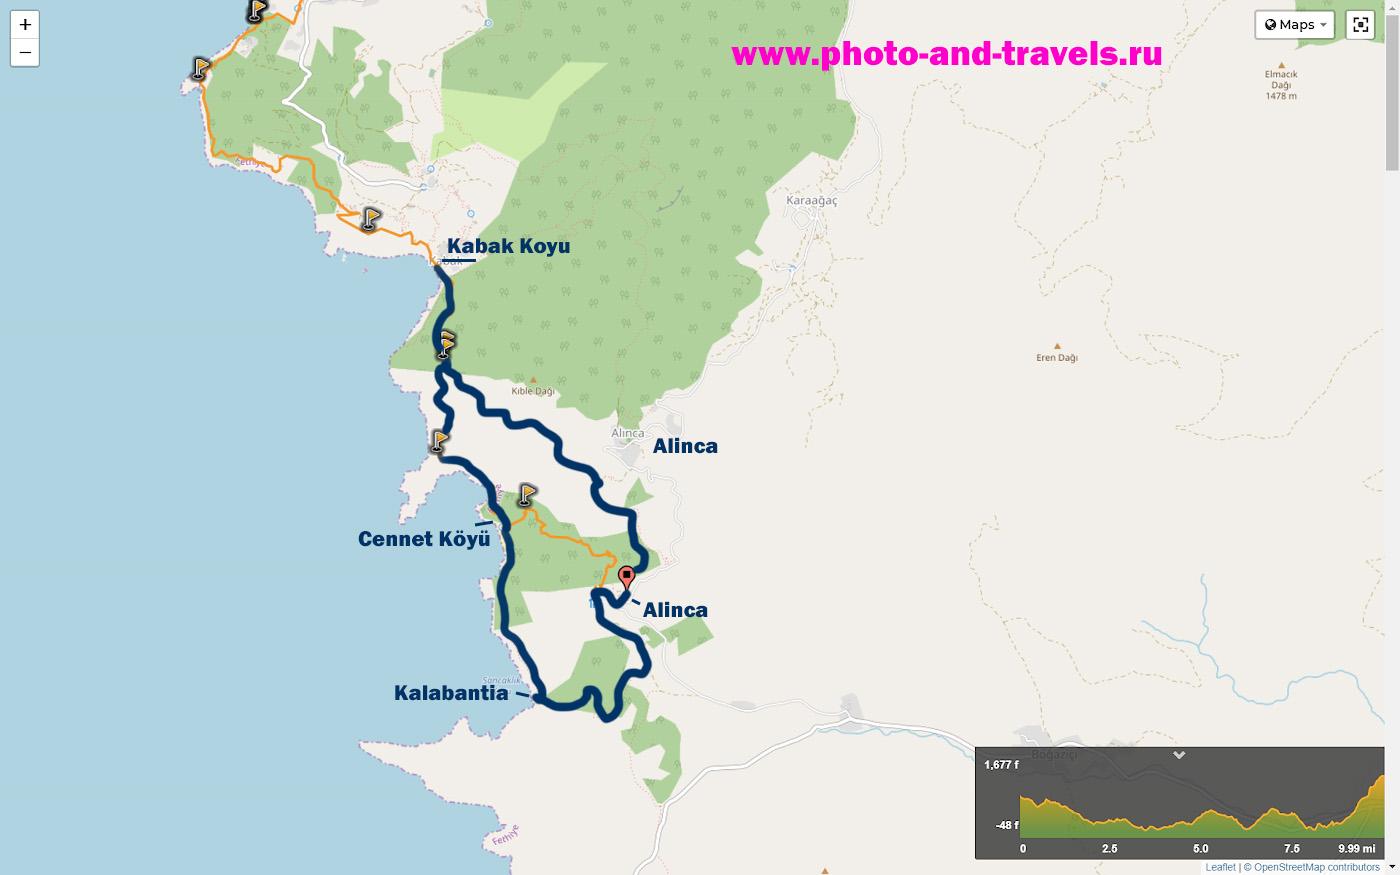 23. Карта со схемой маршрута на участке Западной Ликийской тропы: Кабак - Дженнет – Калабантия – Алынджа – Кабак.